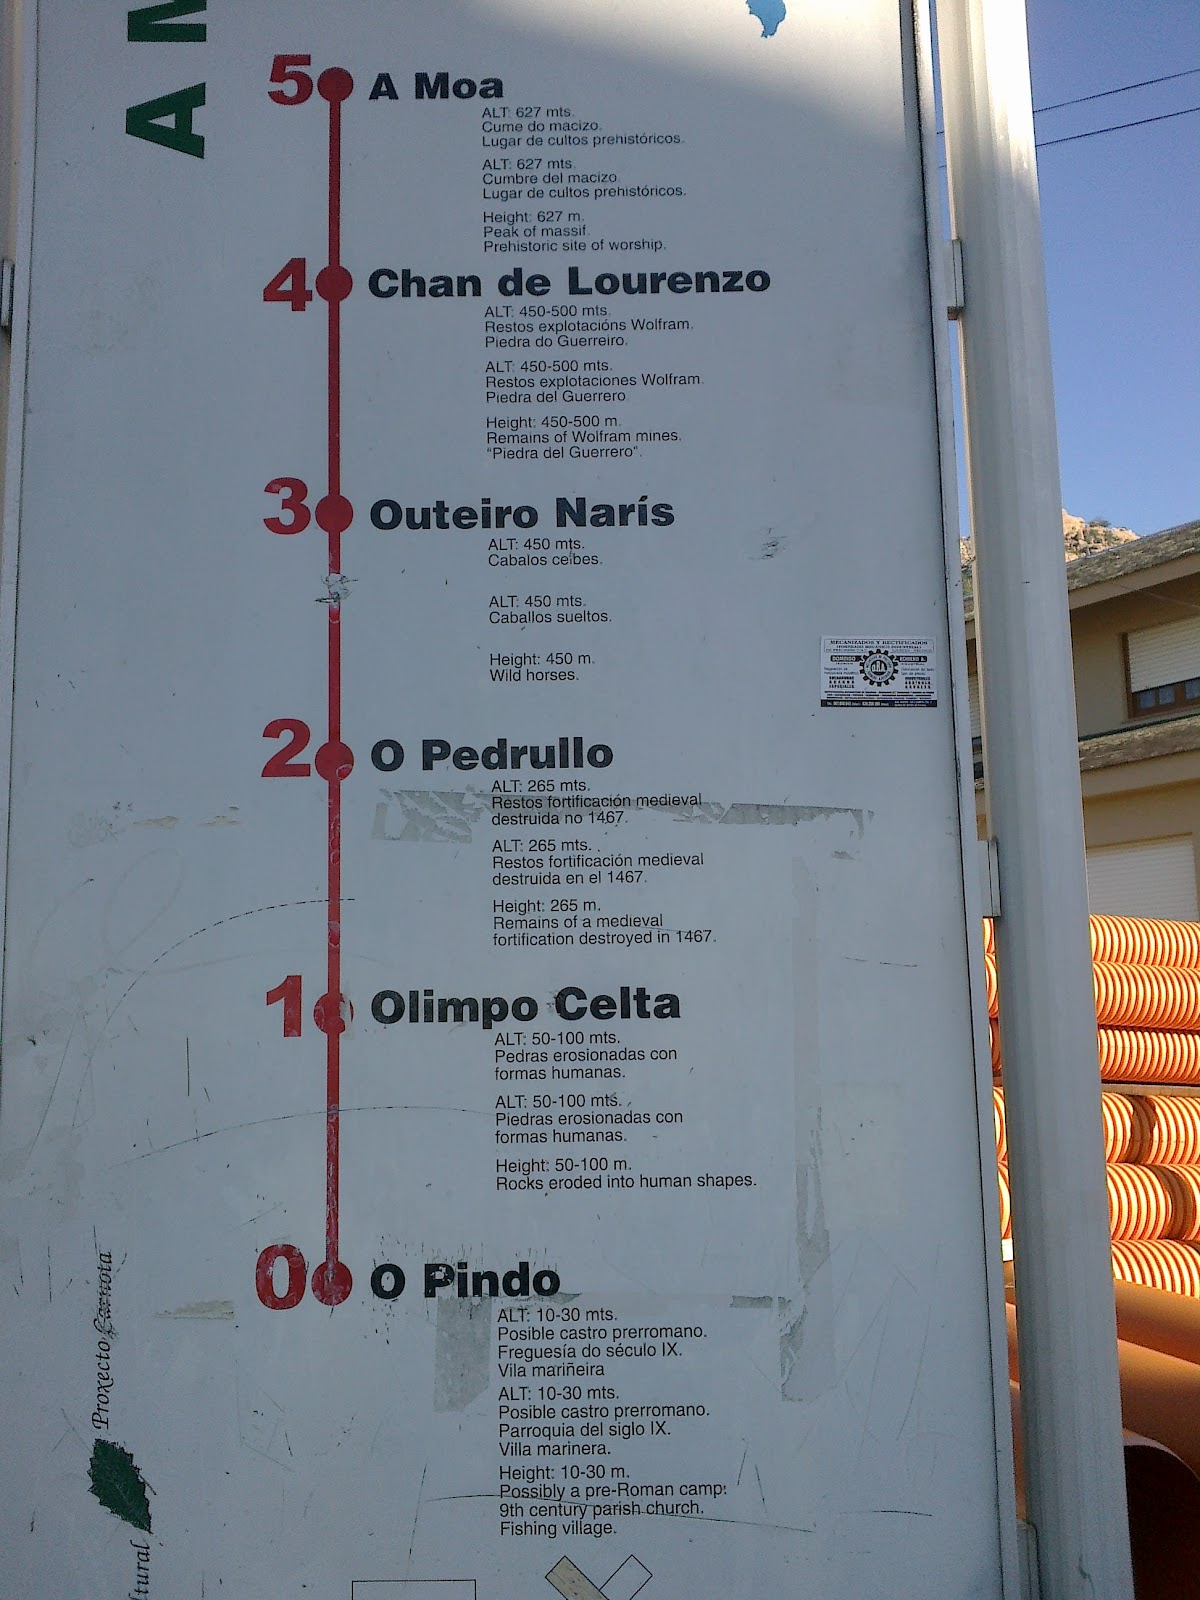 Panel de la Ruta de Ascensión al Monte Pindo